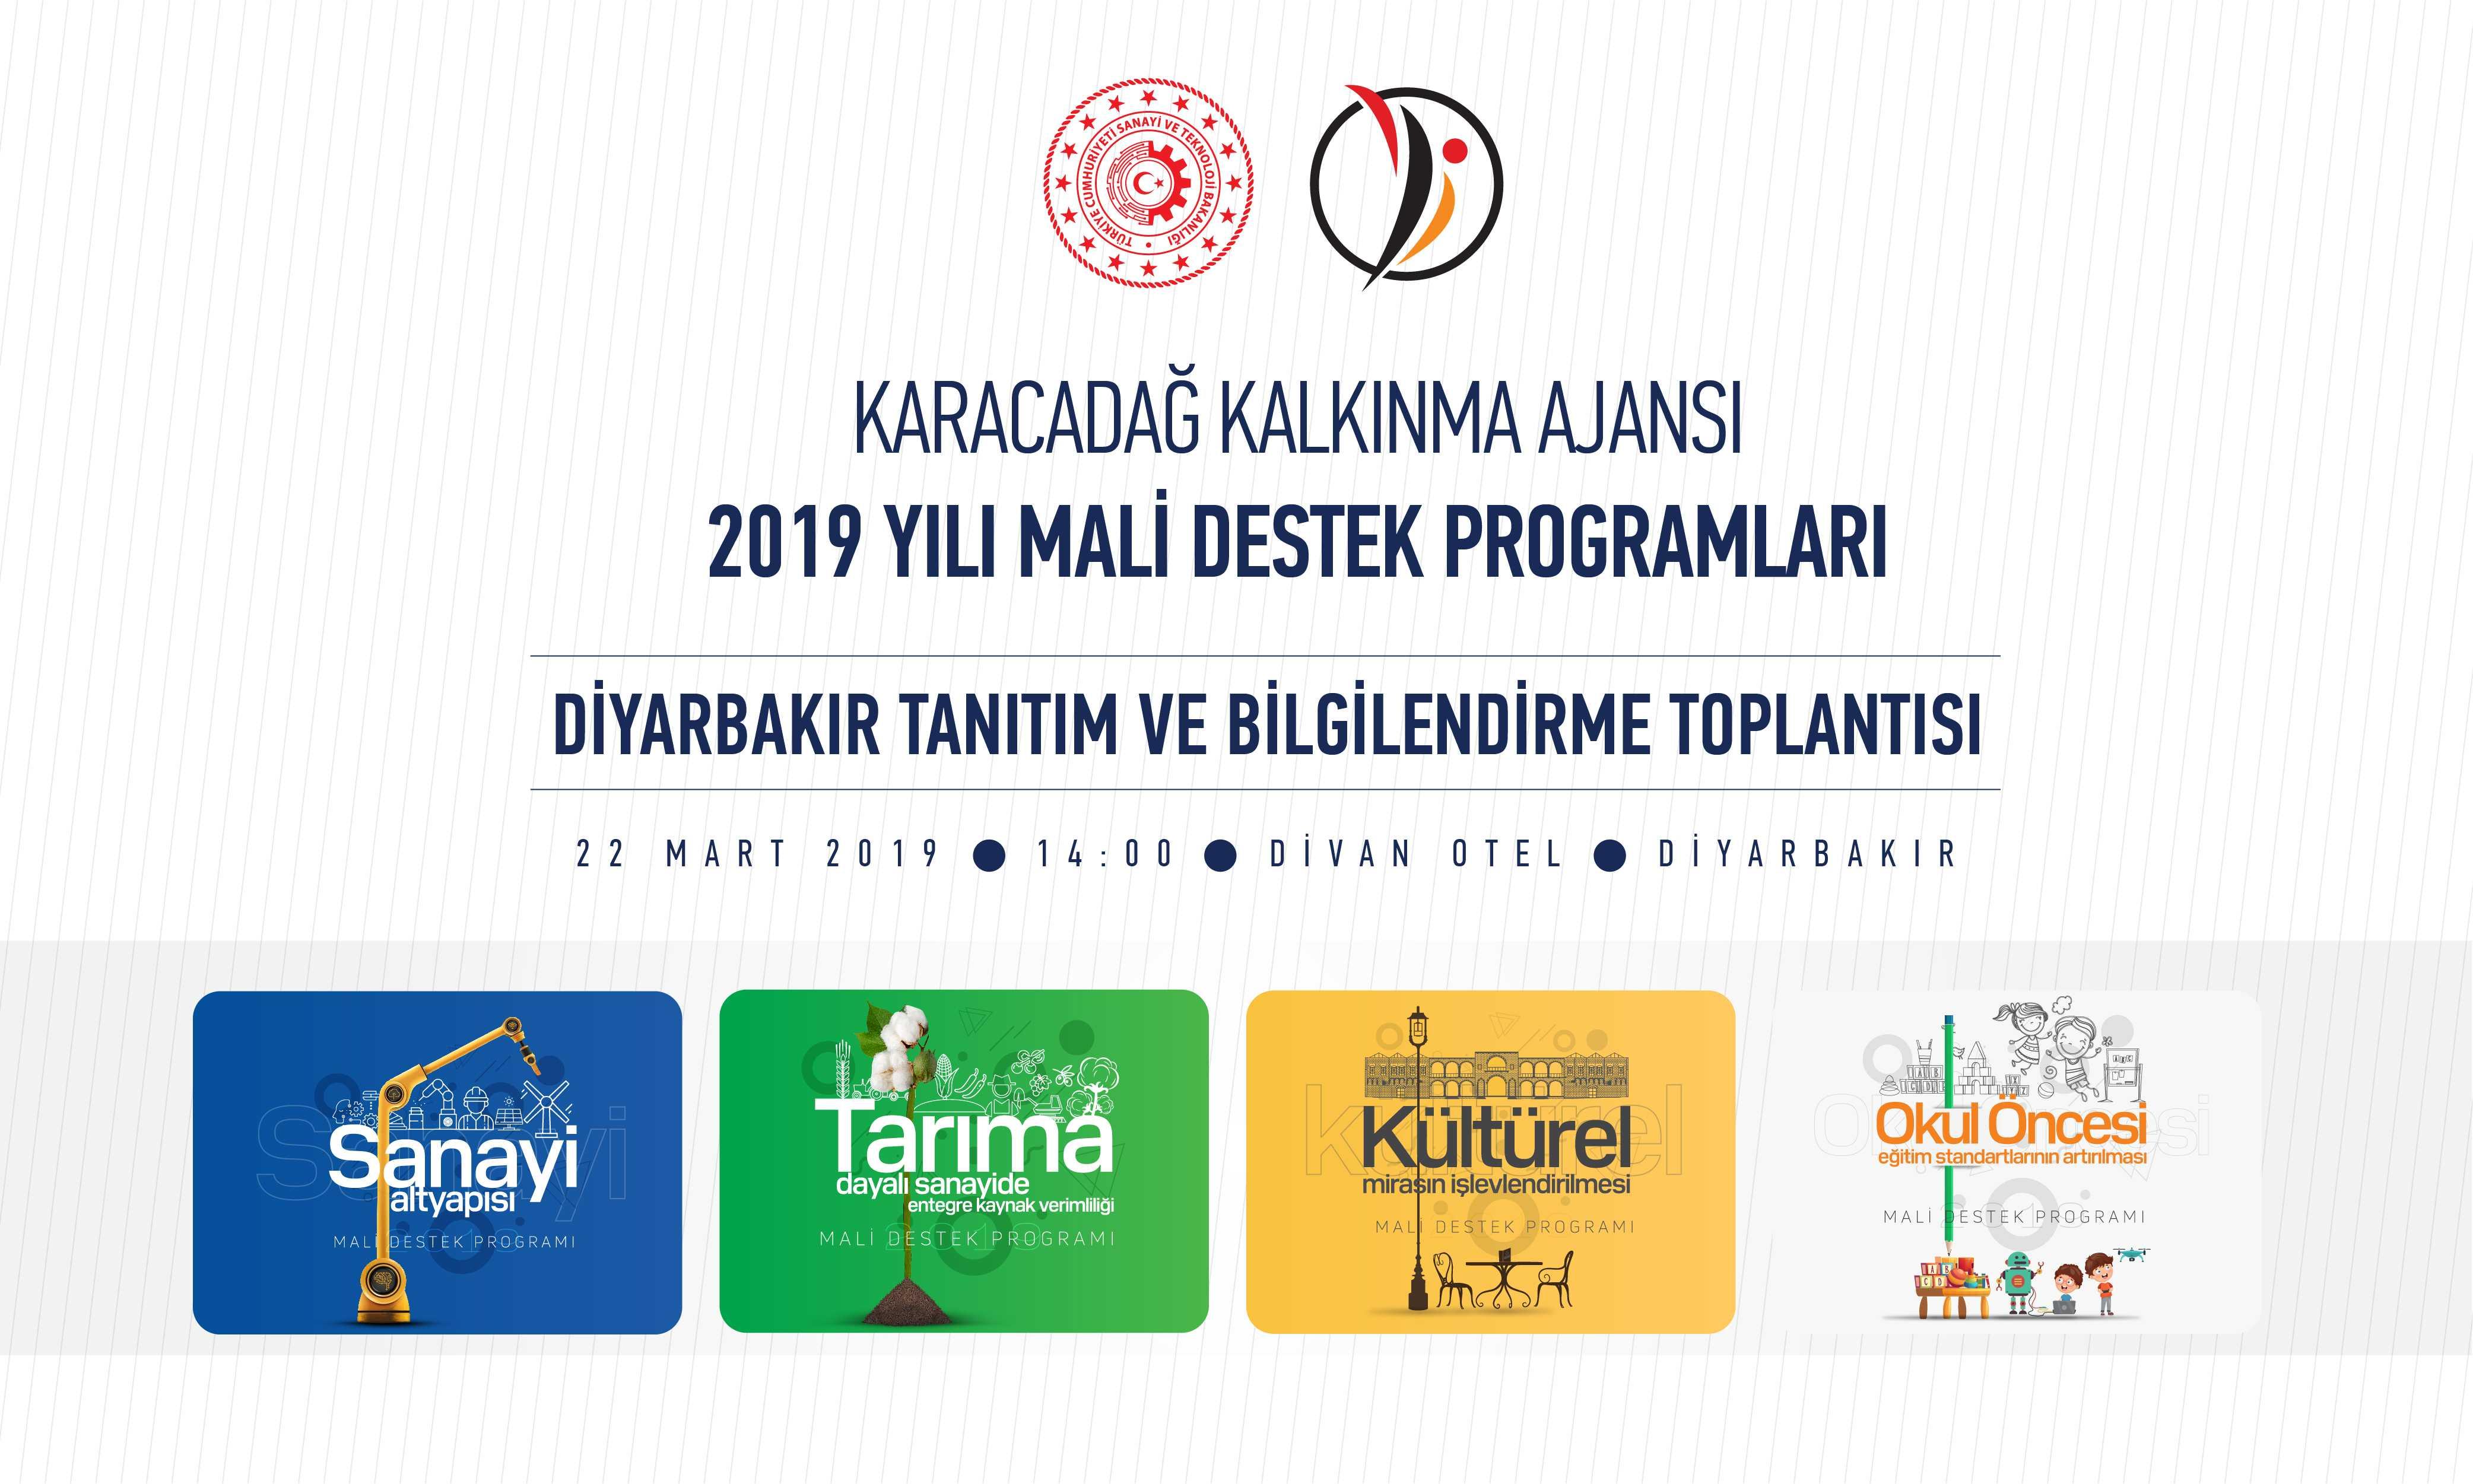 2019 Yılı Mali Destek Programı Toplantı